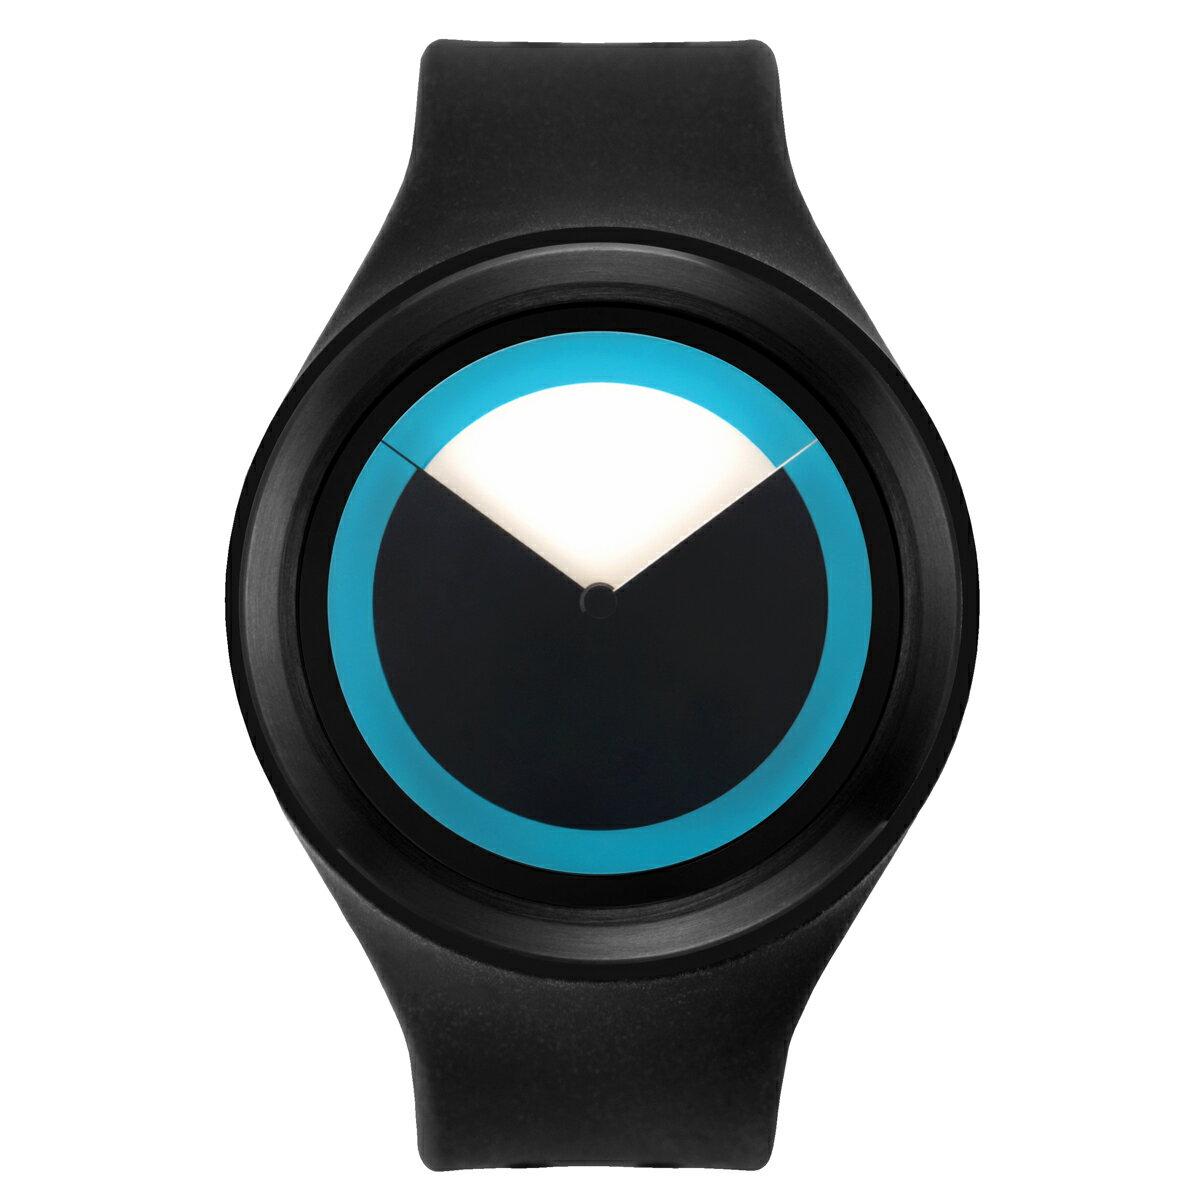 ZEROO DEEPSKY SWEEPING ゼロ 電池式クォーツ 腕時計 [W00401B03SR02] ブラック デザインウォッチ ペア用 メンズ レディース ユニセックス おしゃれ時計 デザイナーズ